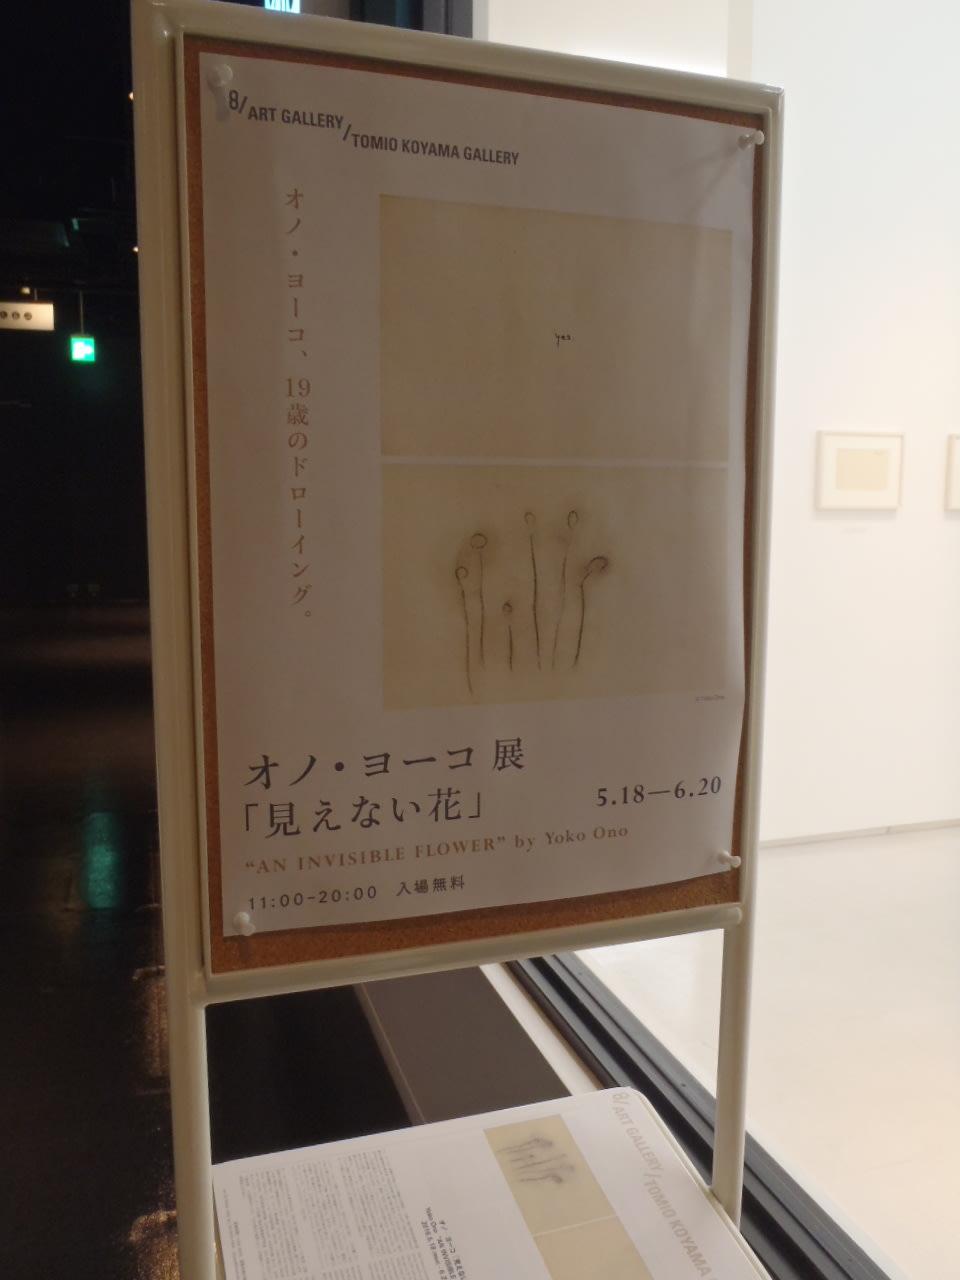 オノ・ヨーコの画像 p1_14